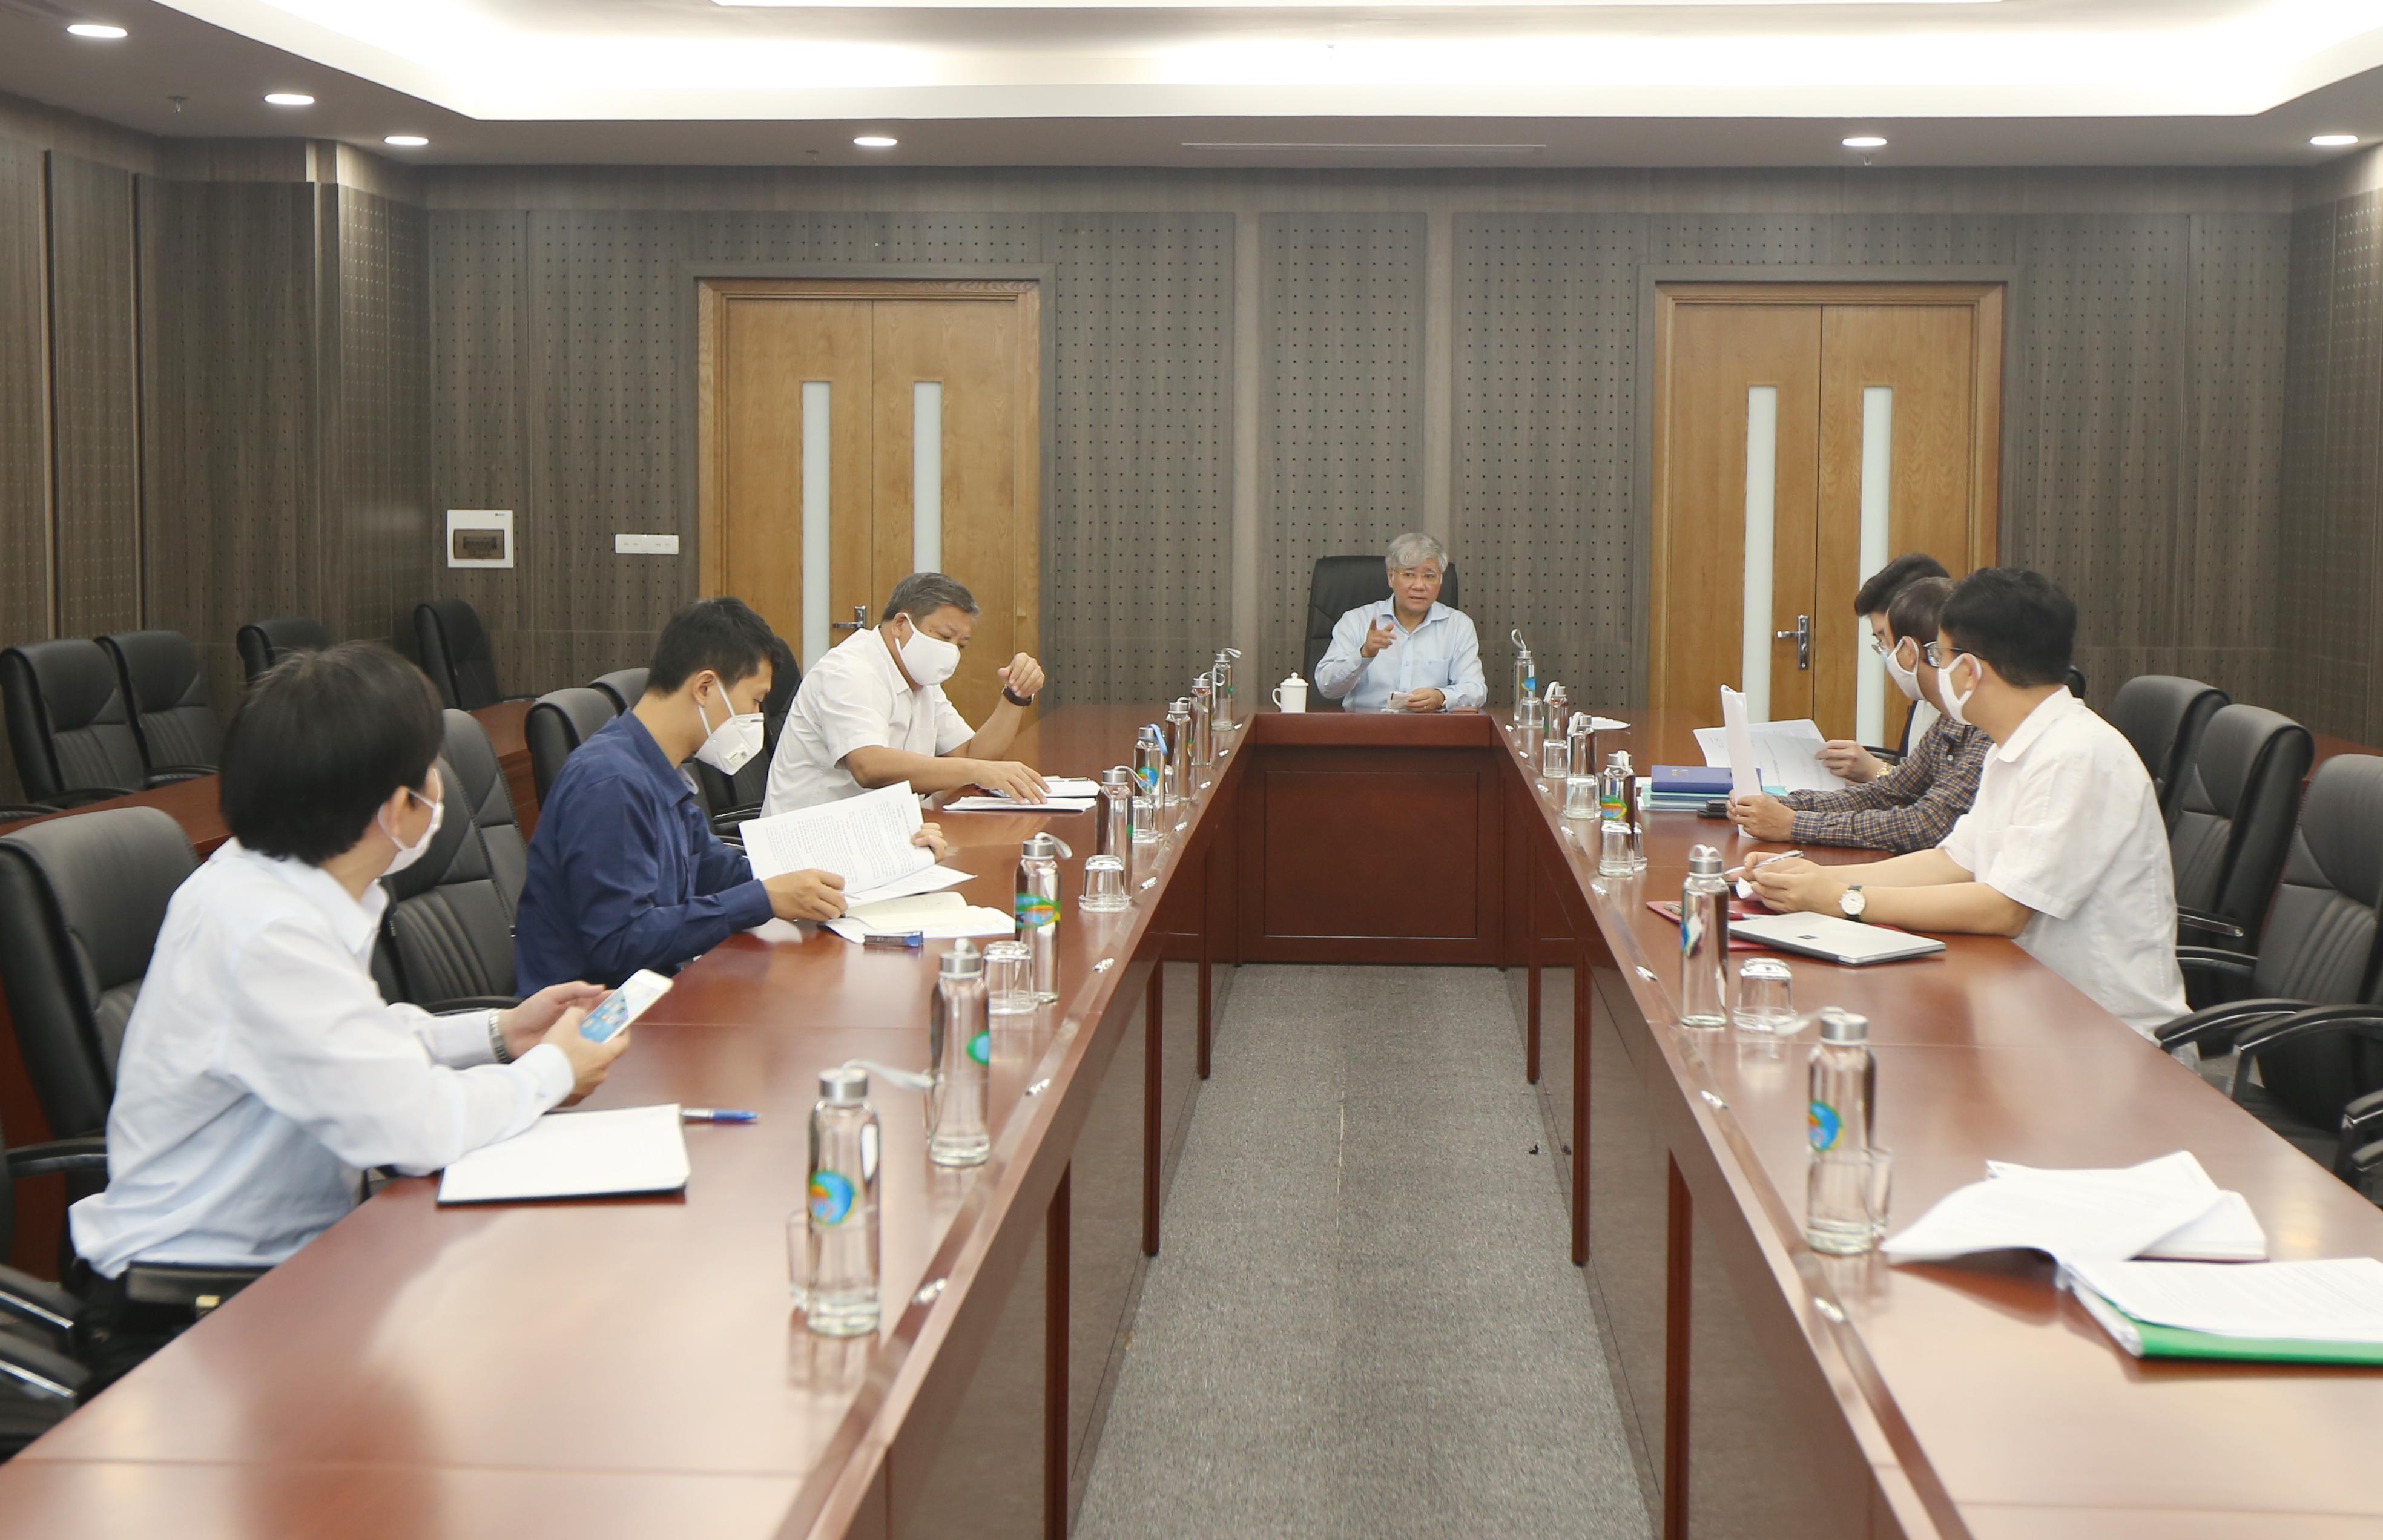 Bộ trưởng, Chủ nhiệm Đỗ Văn Chiến chủ trì buổi họp